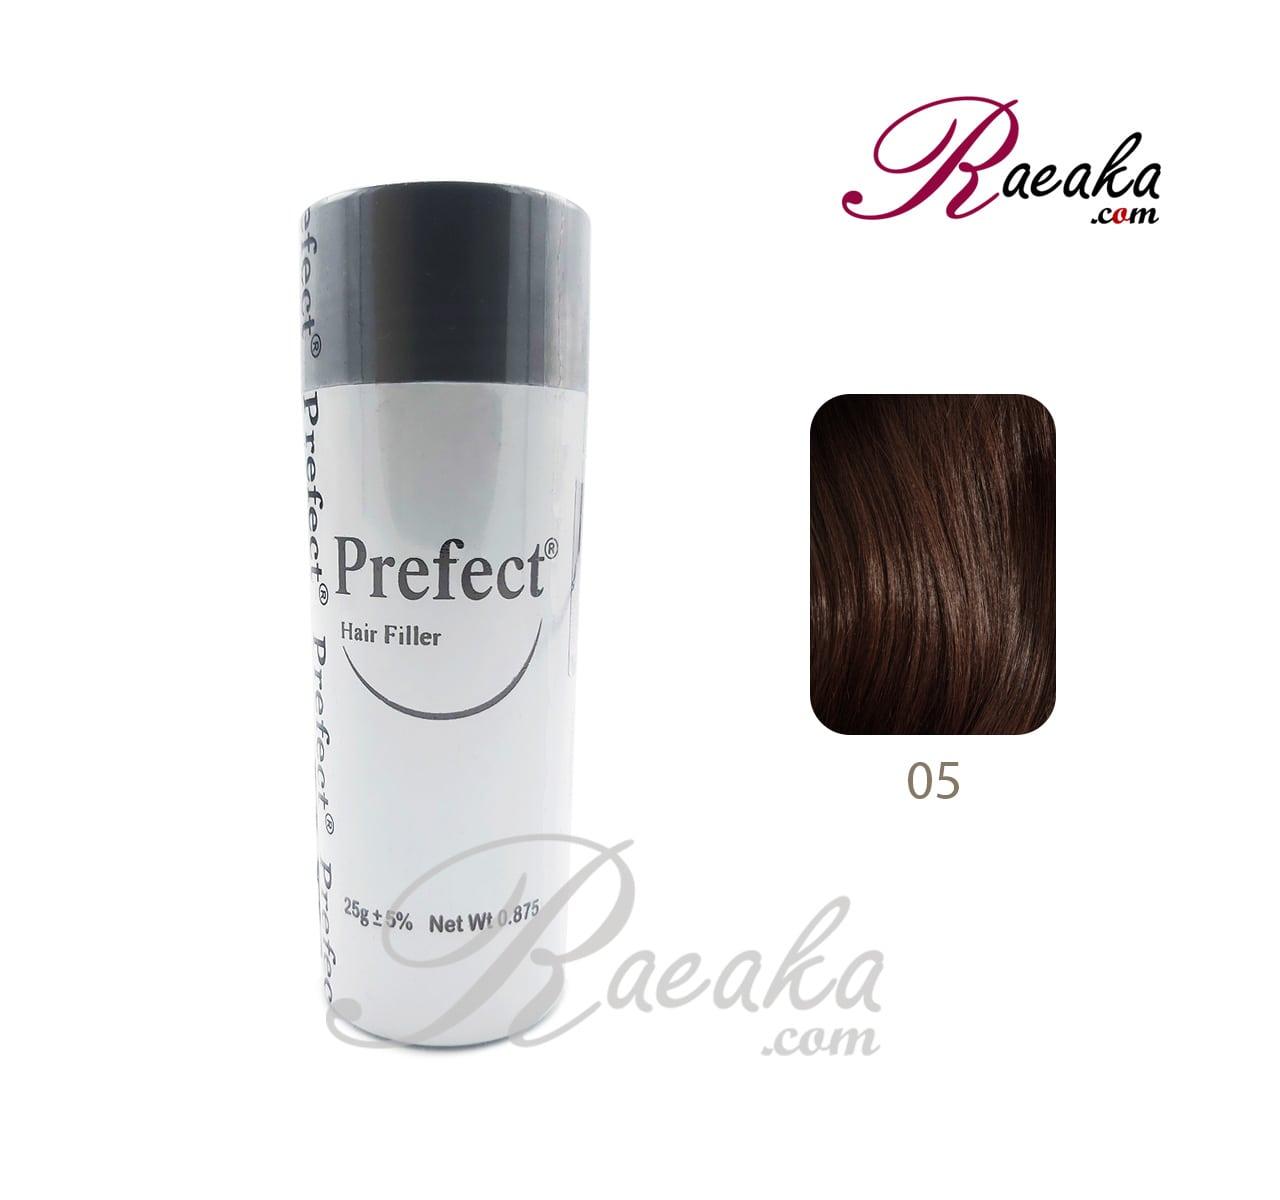 پودر پرپشت کننده مو پرفکت کد 05 - قهوه ای متوسط (Medium Brown) وزن خالص 25 گرم